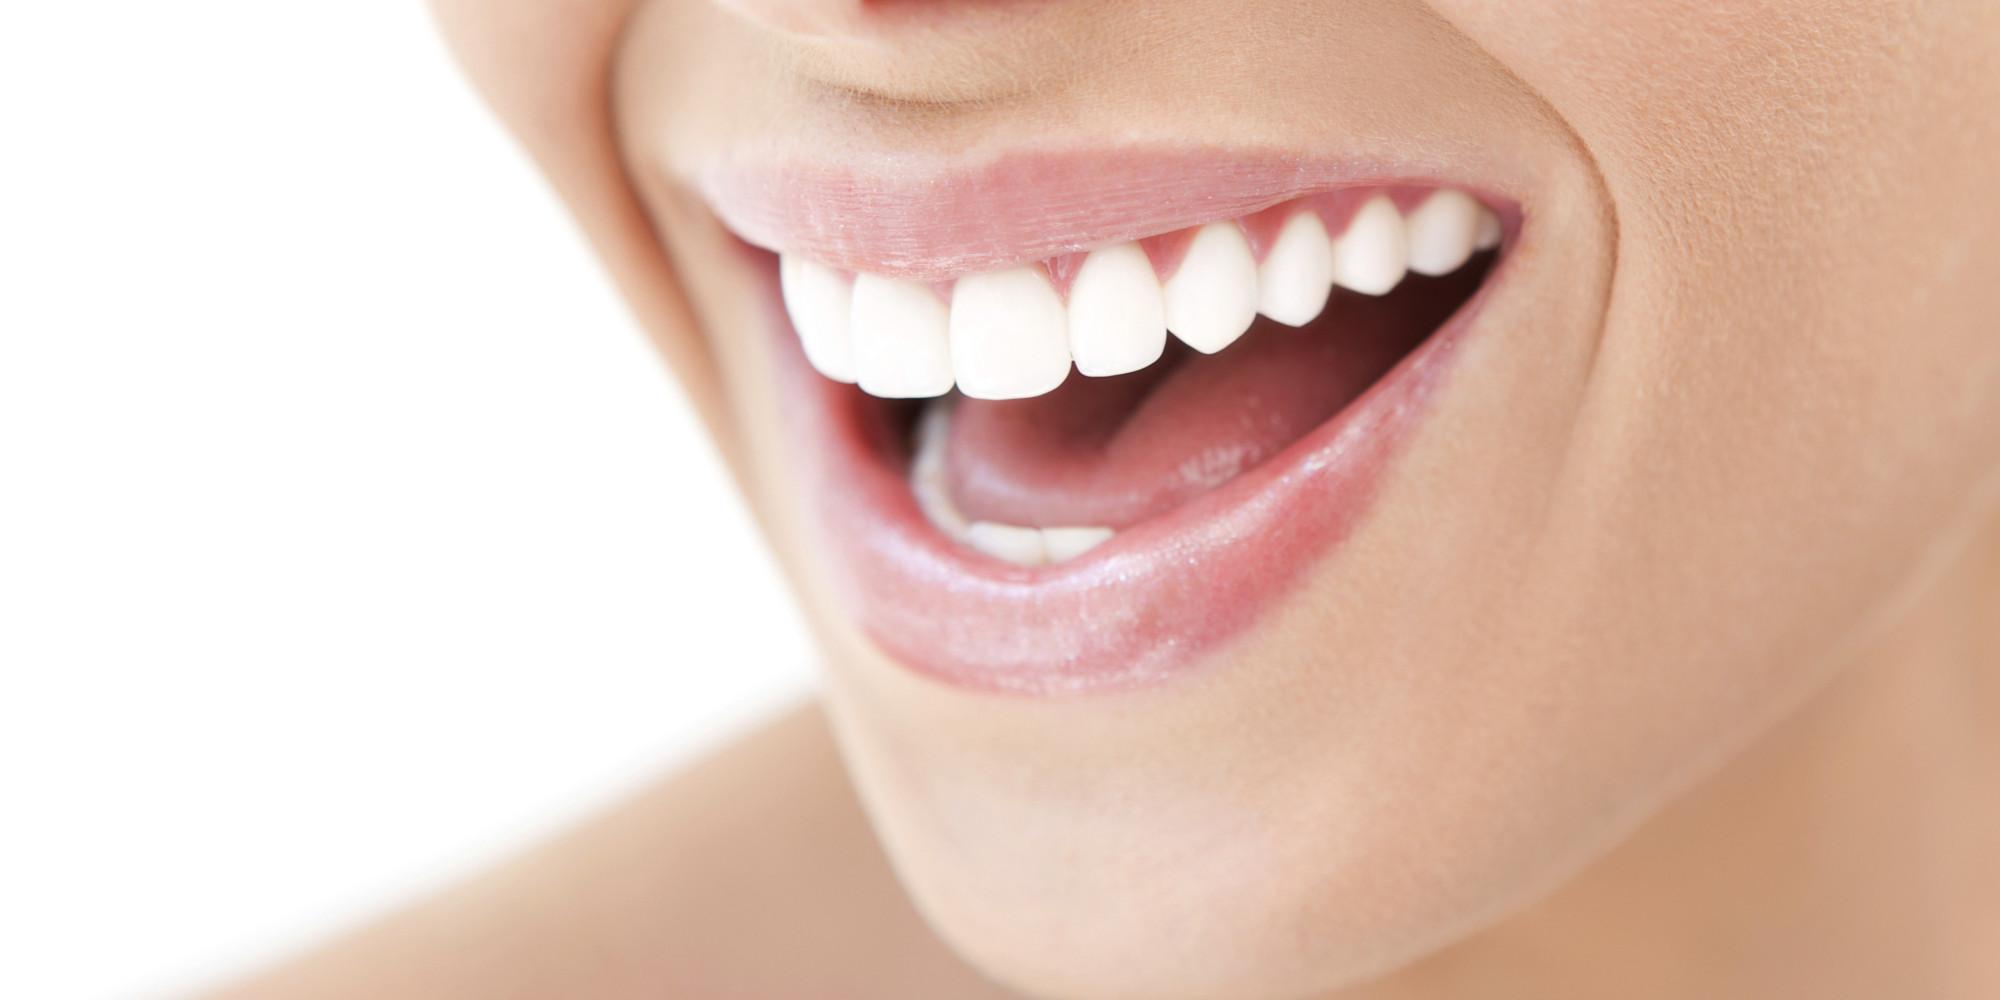 Tumore alla bocca: quali sono i primi sintomi da riconoscere?